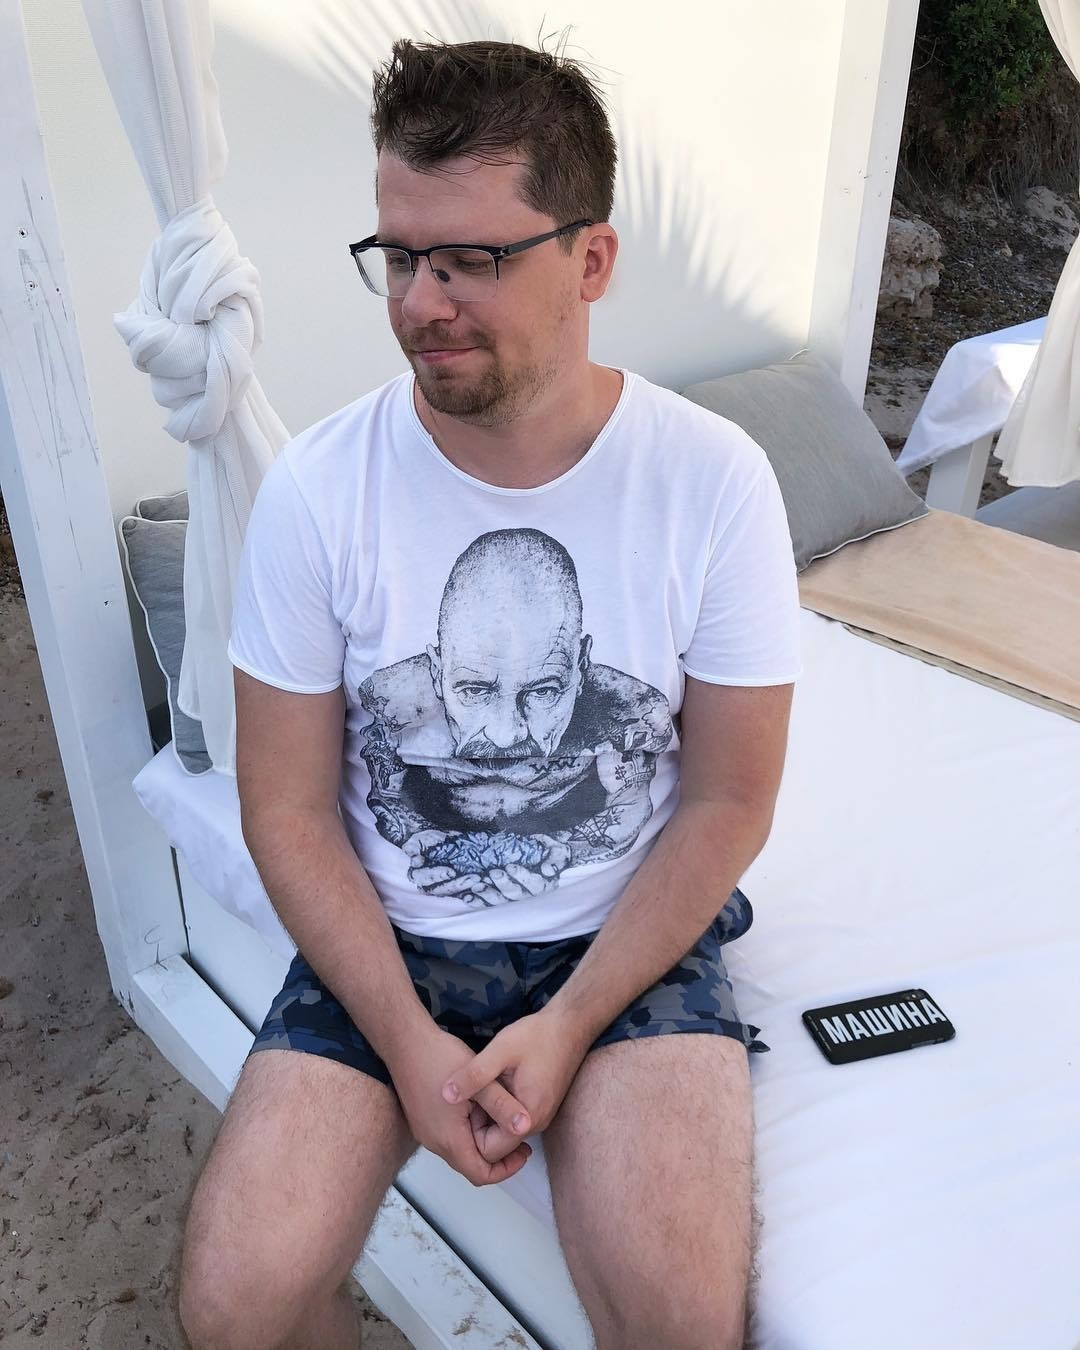 Гарик Харламов закрыл комментарии кэтой публикации, поэтому поклонники выражают актеру сочувствие поддругими снимками: «Гарик, мы стобой, всем сердцем идушой!», «Гарик, мои соболезнов...